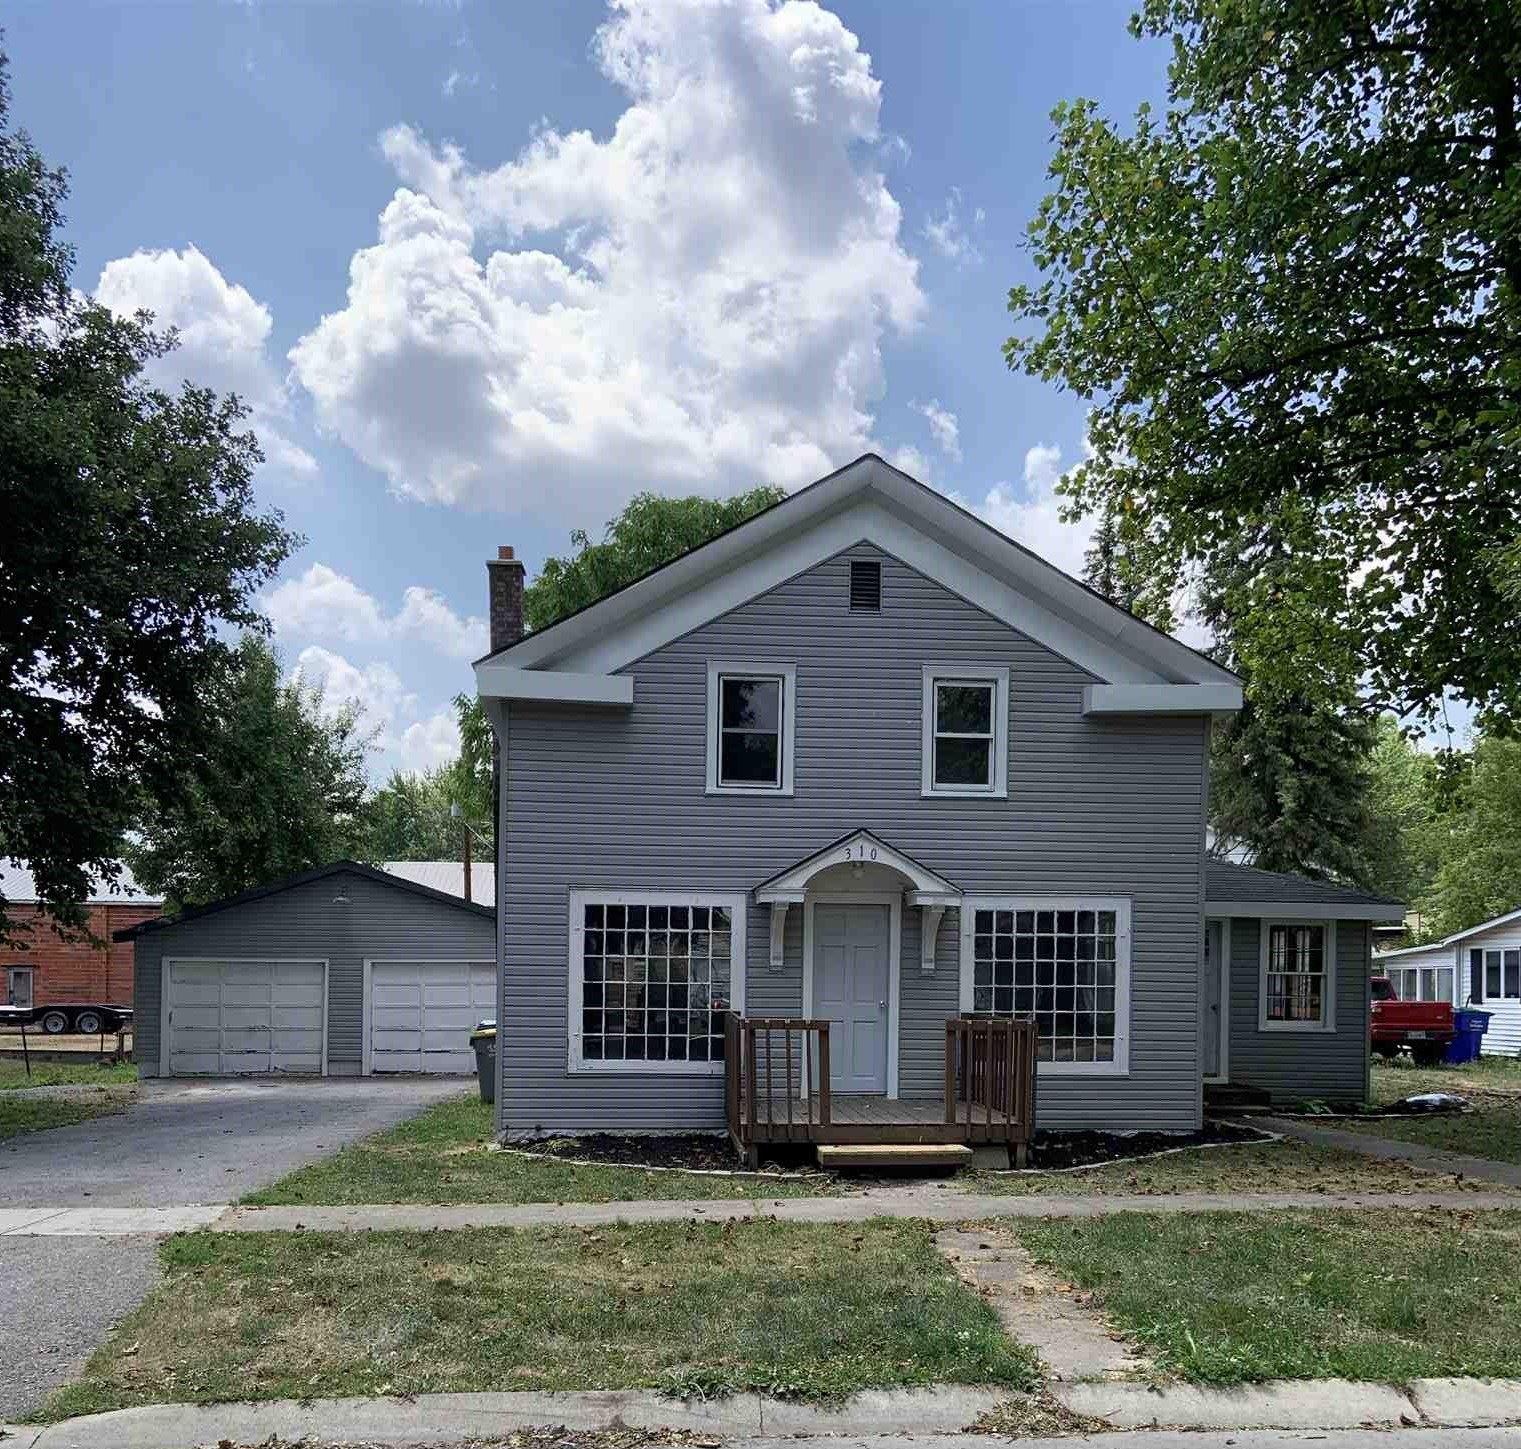 Photo of 310 E Oak Street, Butler, IN 46721 (MLS # 202026075)